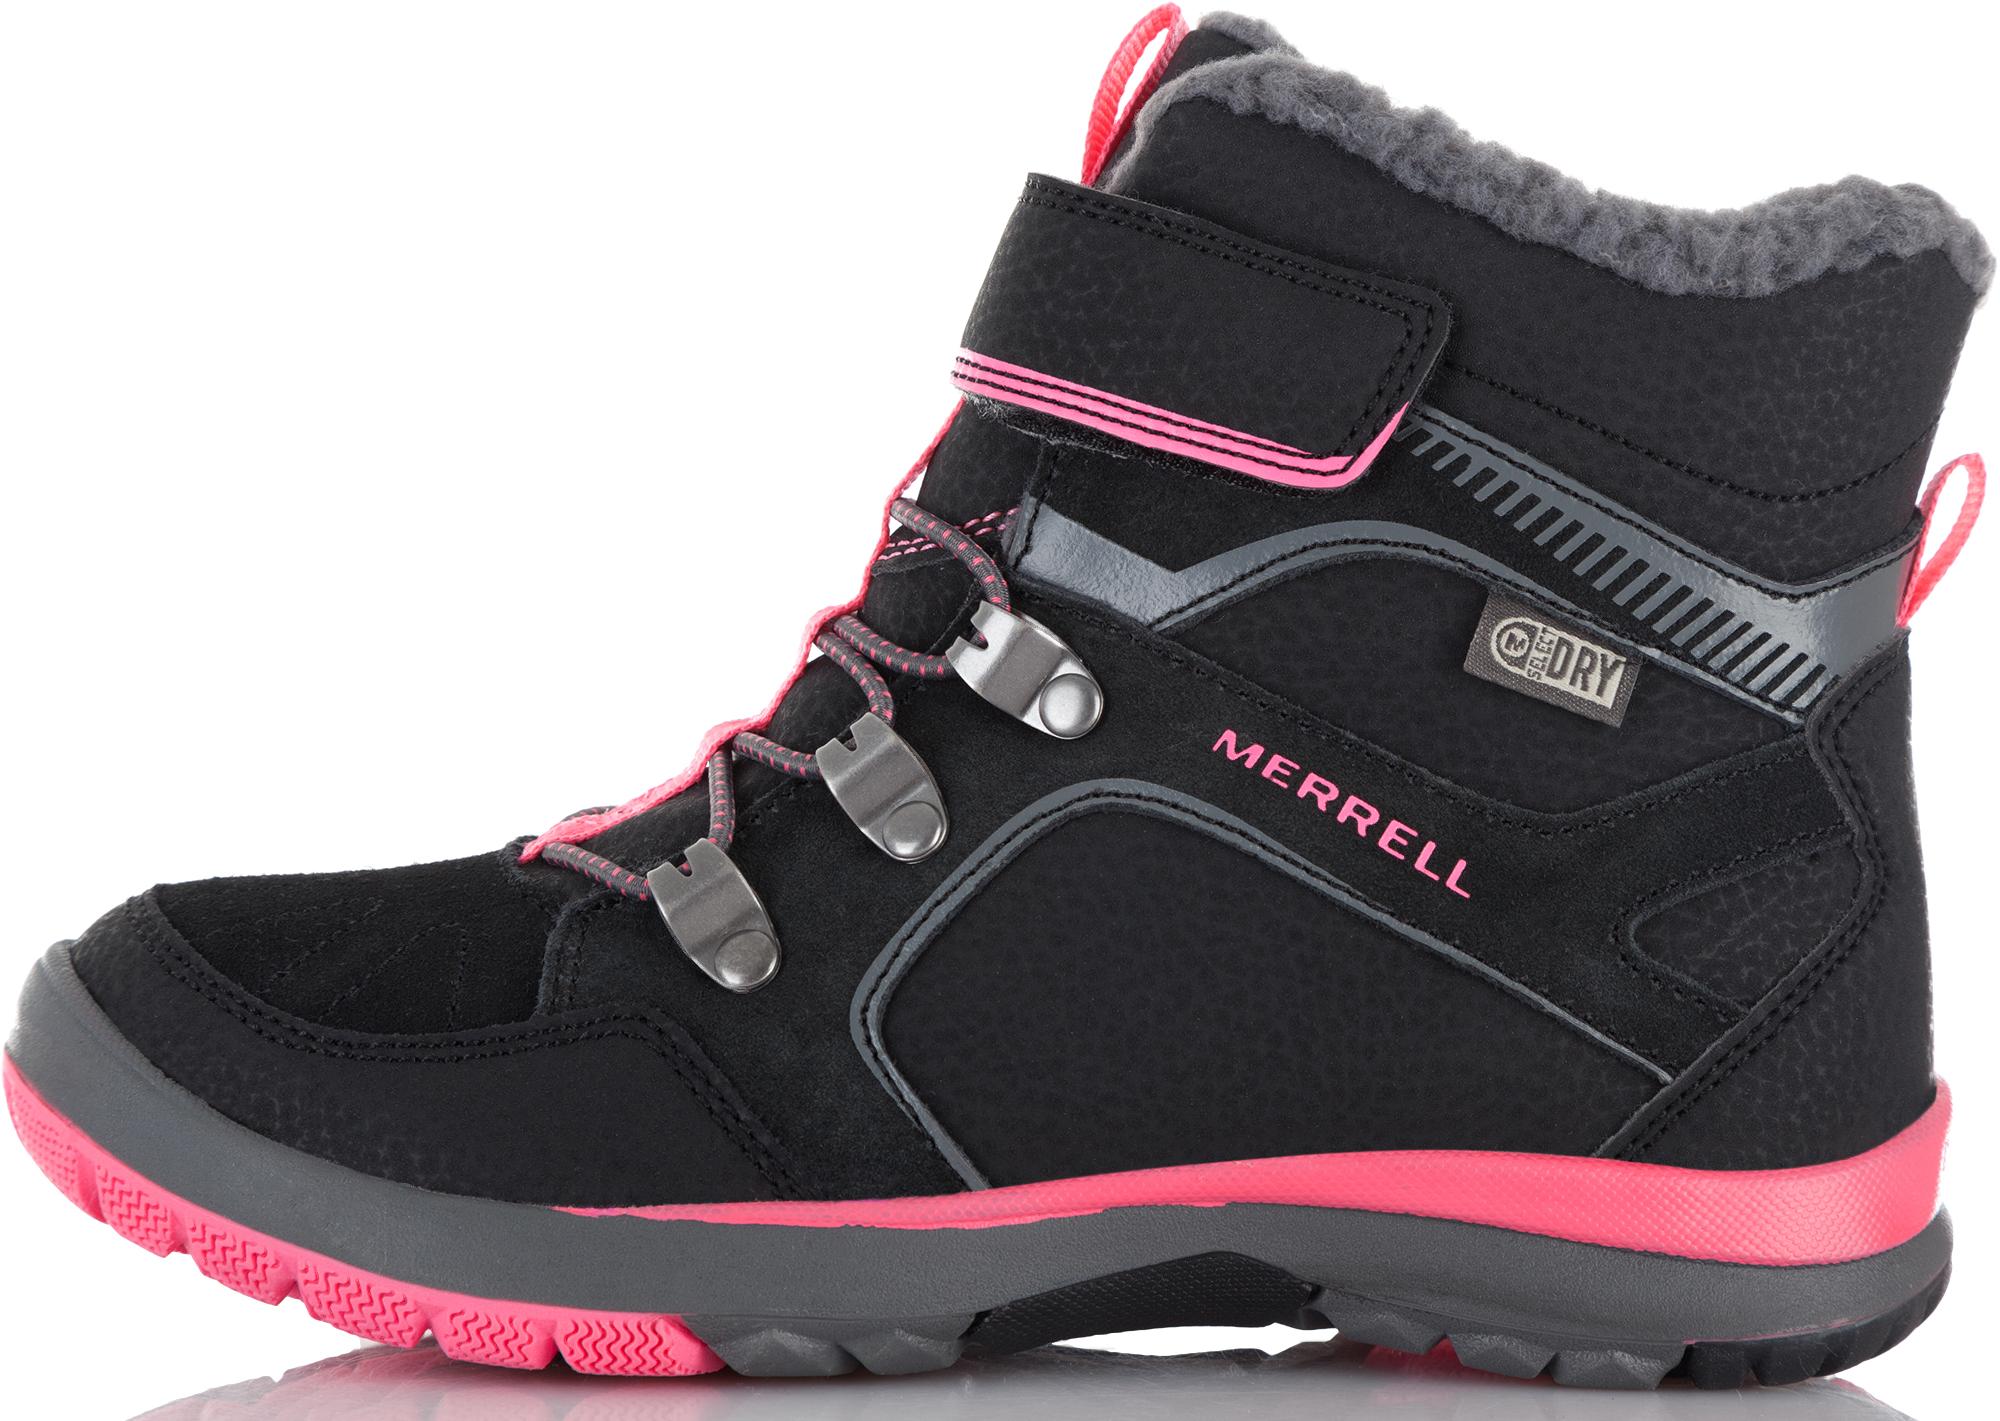 Merrell Ботинки утепленные для девочек Merrell M-Moab Fst Polar Mid A/C Wtrpf, размер 40,5